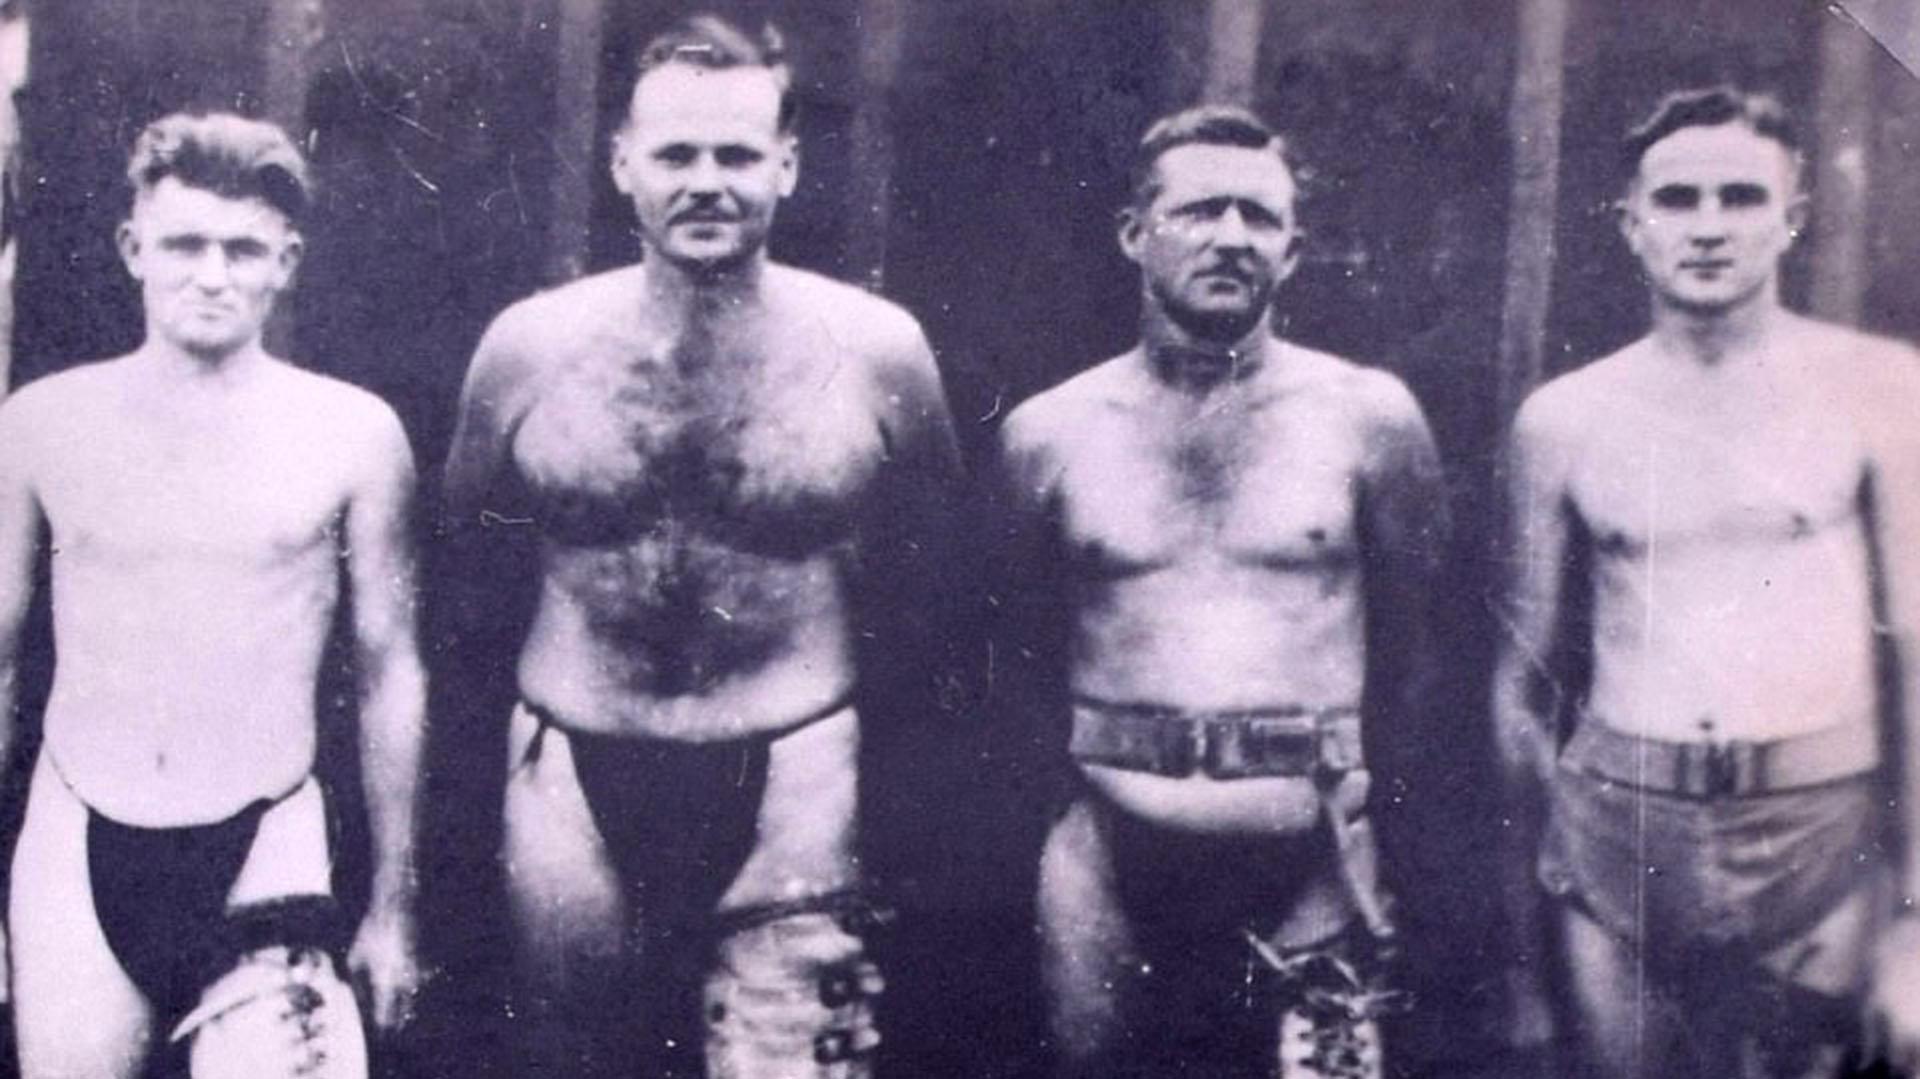 Prisioneros usando piernas artificiales tras ser sometidos a amputaciones